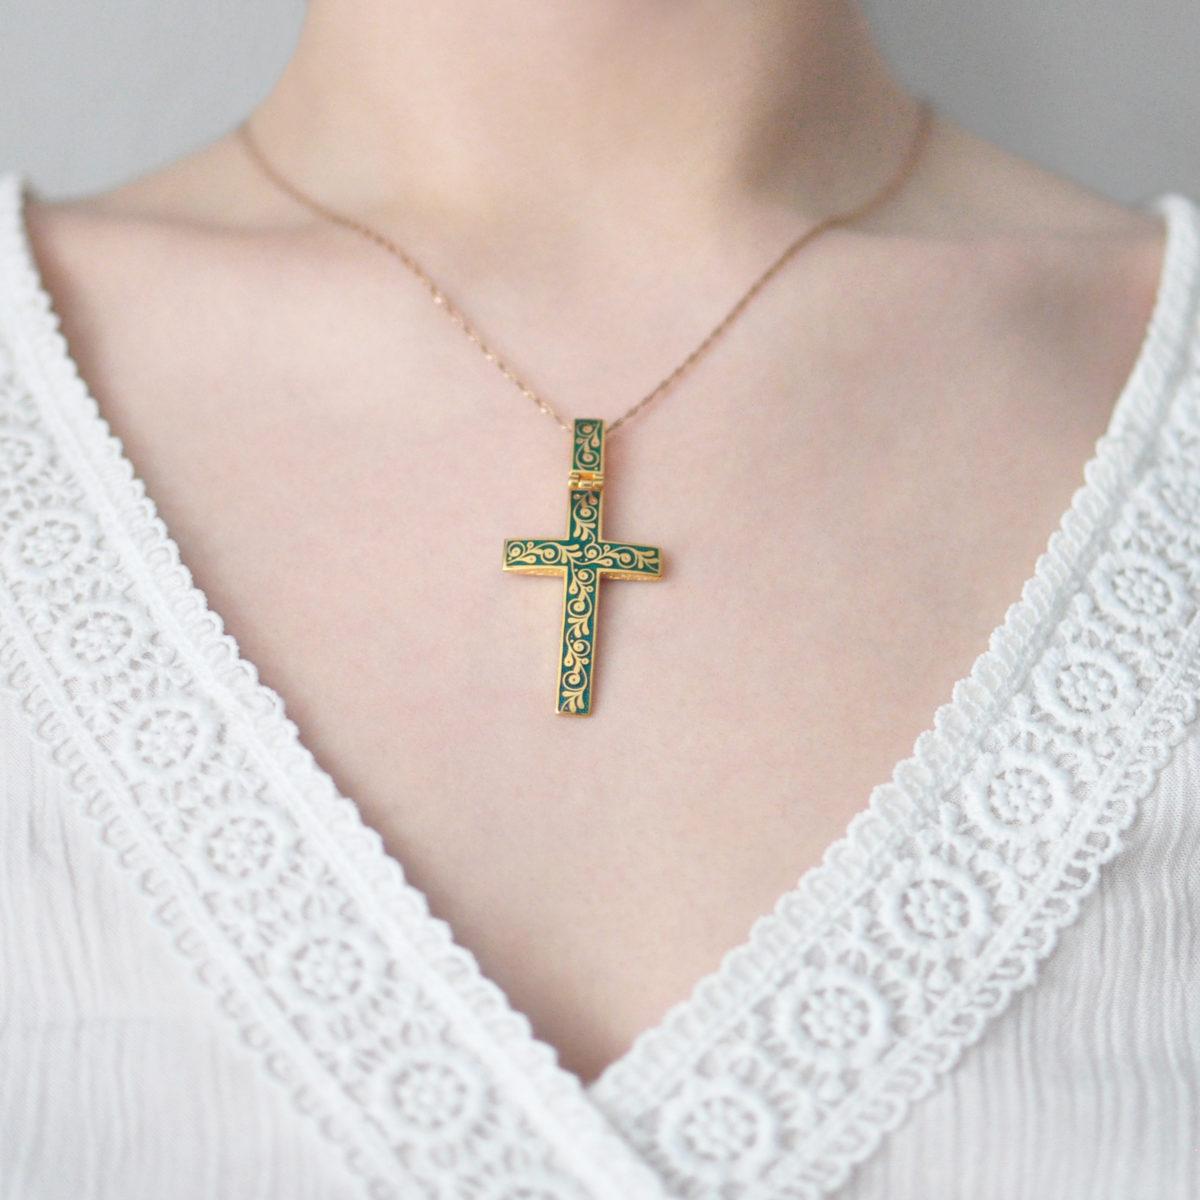 Zolochenie zelenaya 1200x1200 - Нательный крест «Спас на крови» (золочение), зеленый